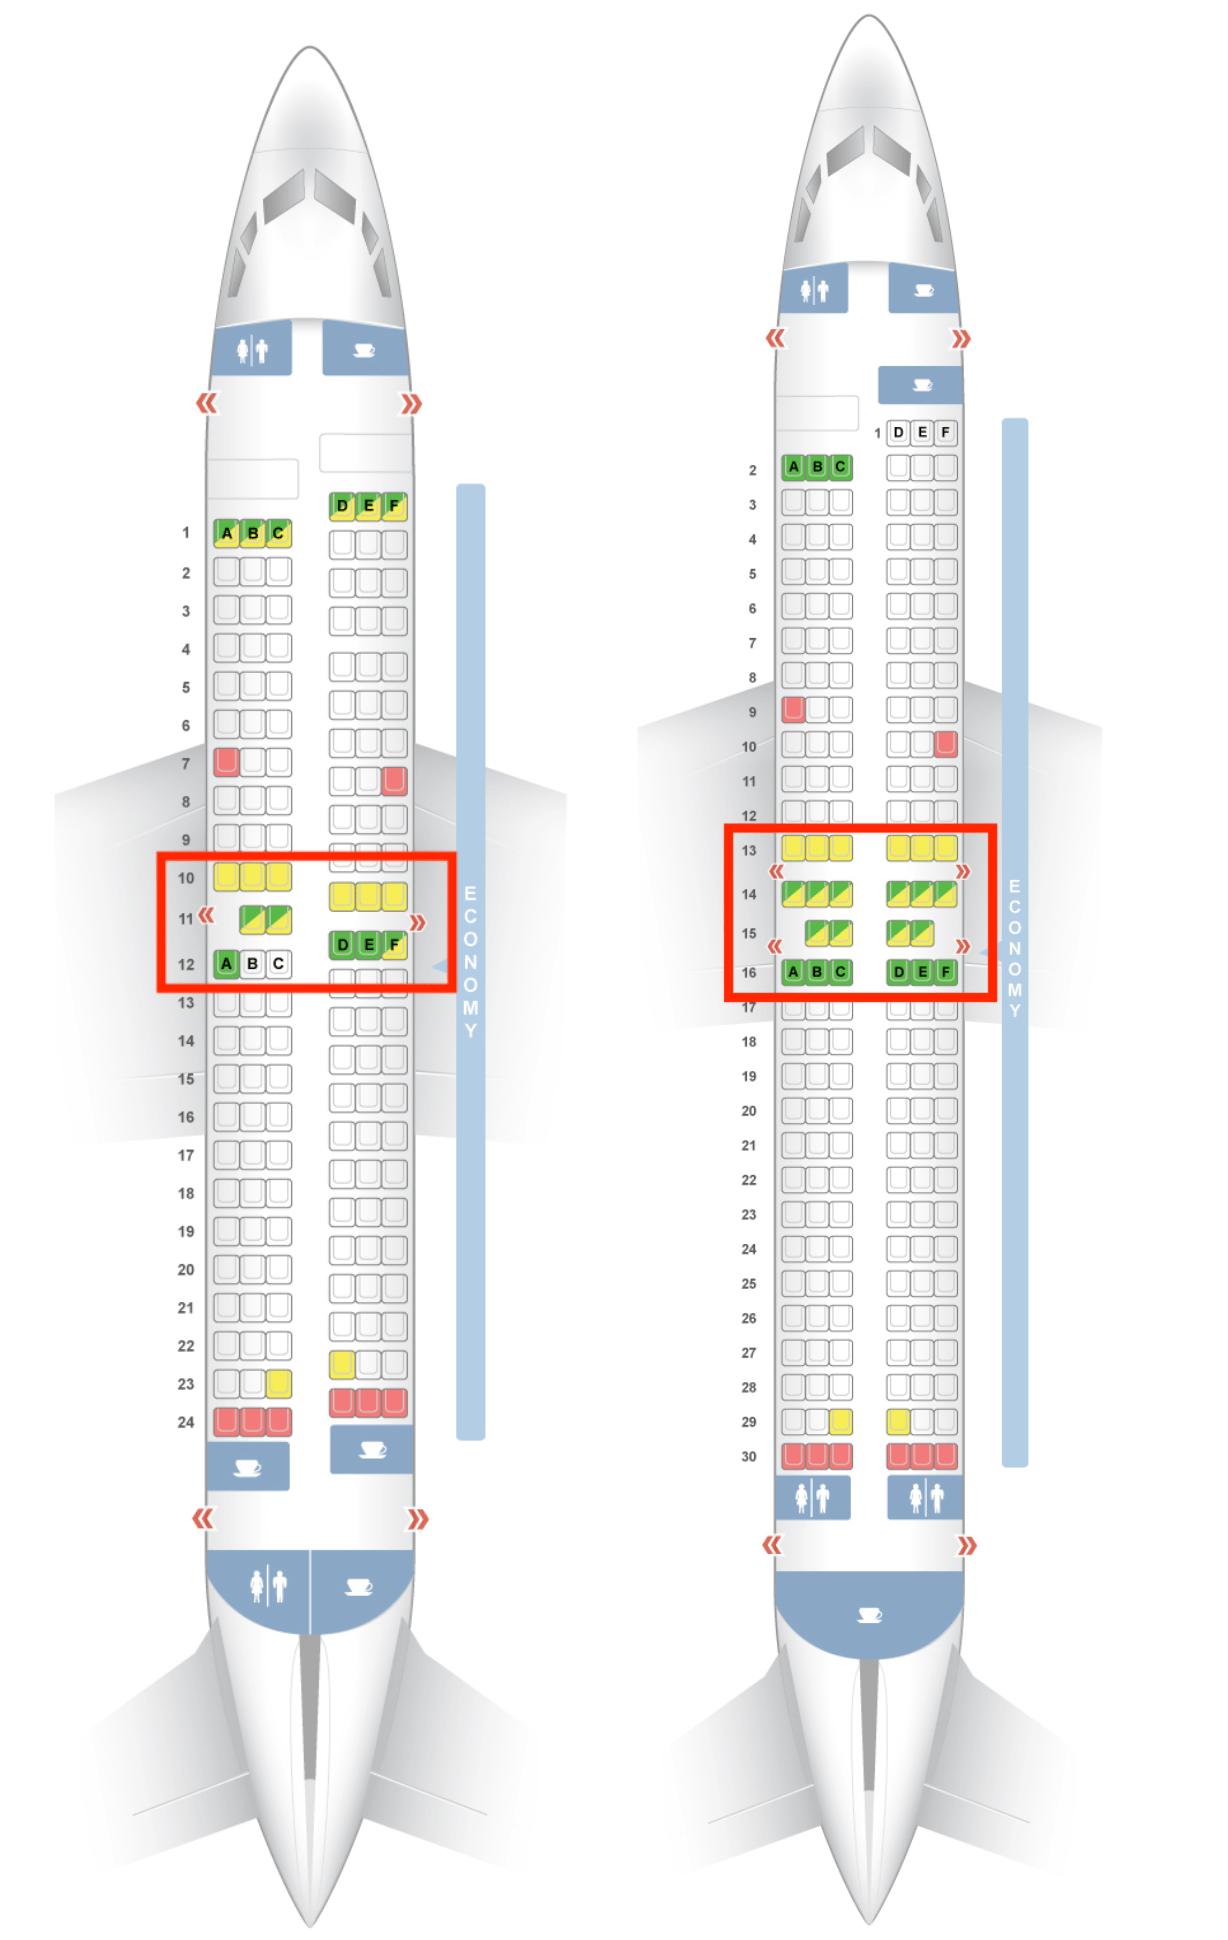 Southwest seat maps 737 700 737 800